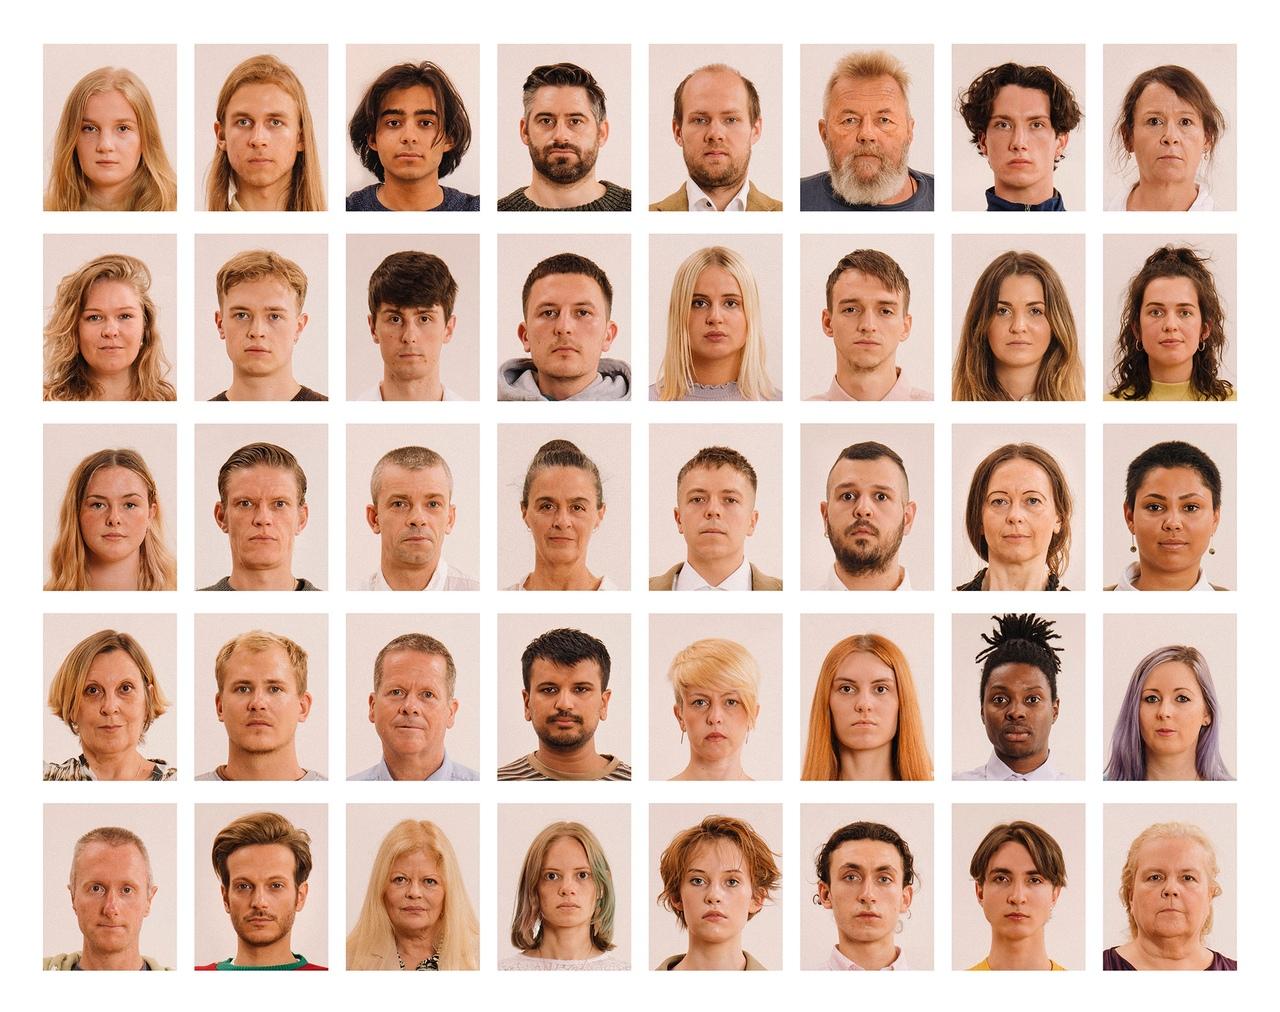 Хотите узнать, что происходит за кадром, когда люди делают фото на документы?